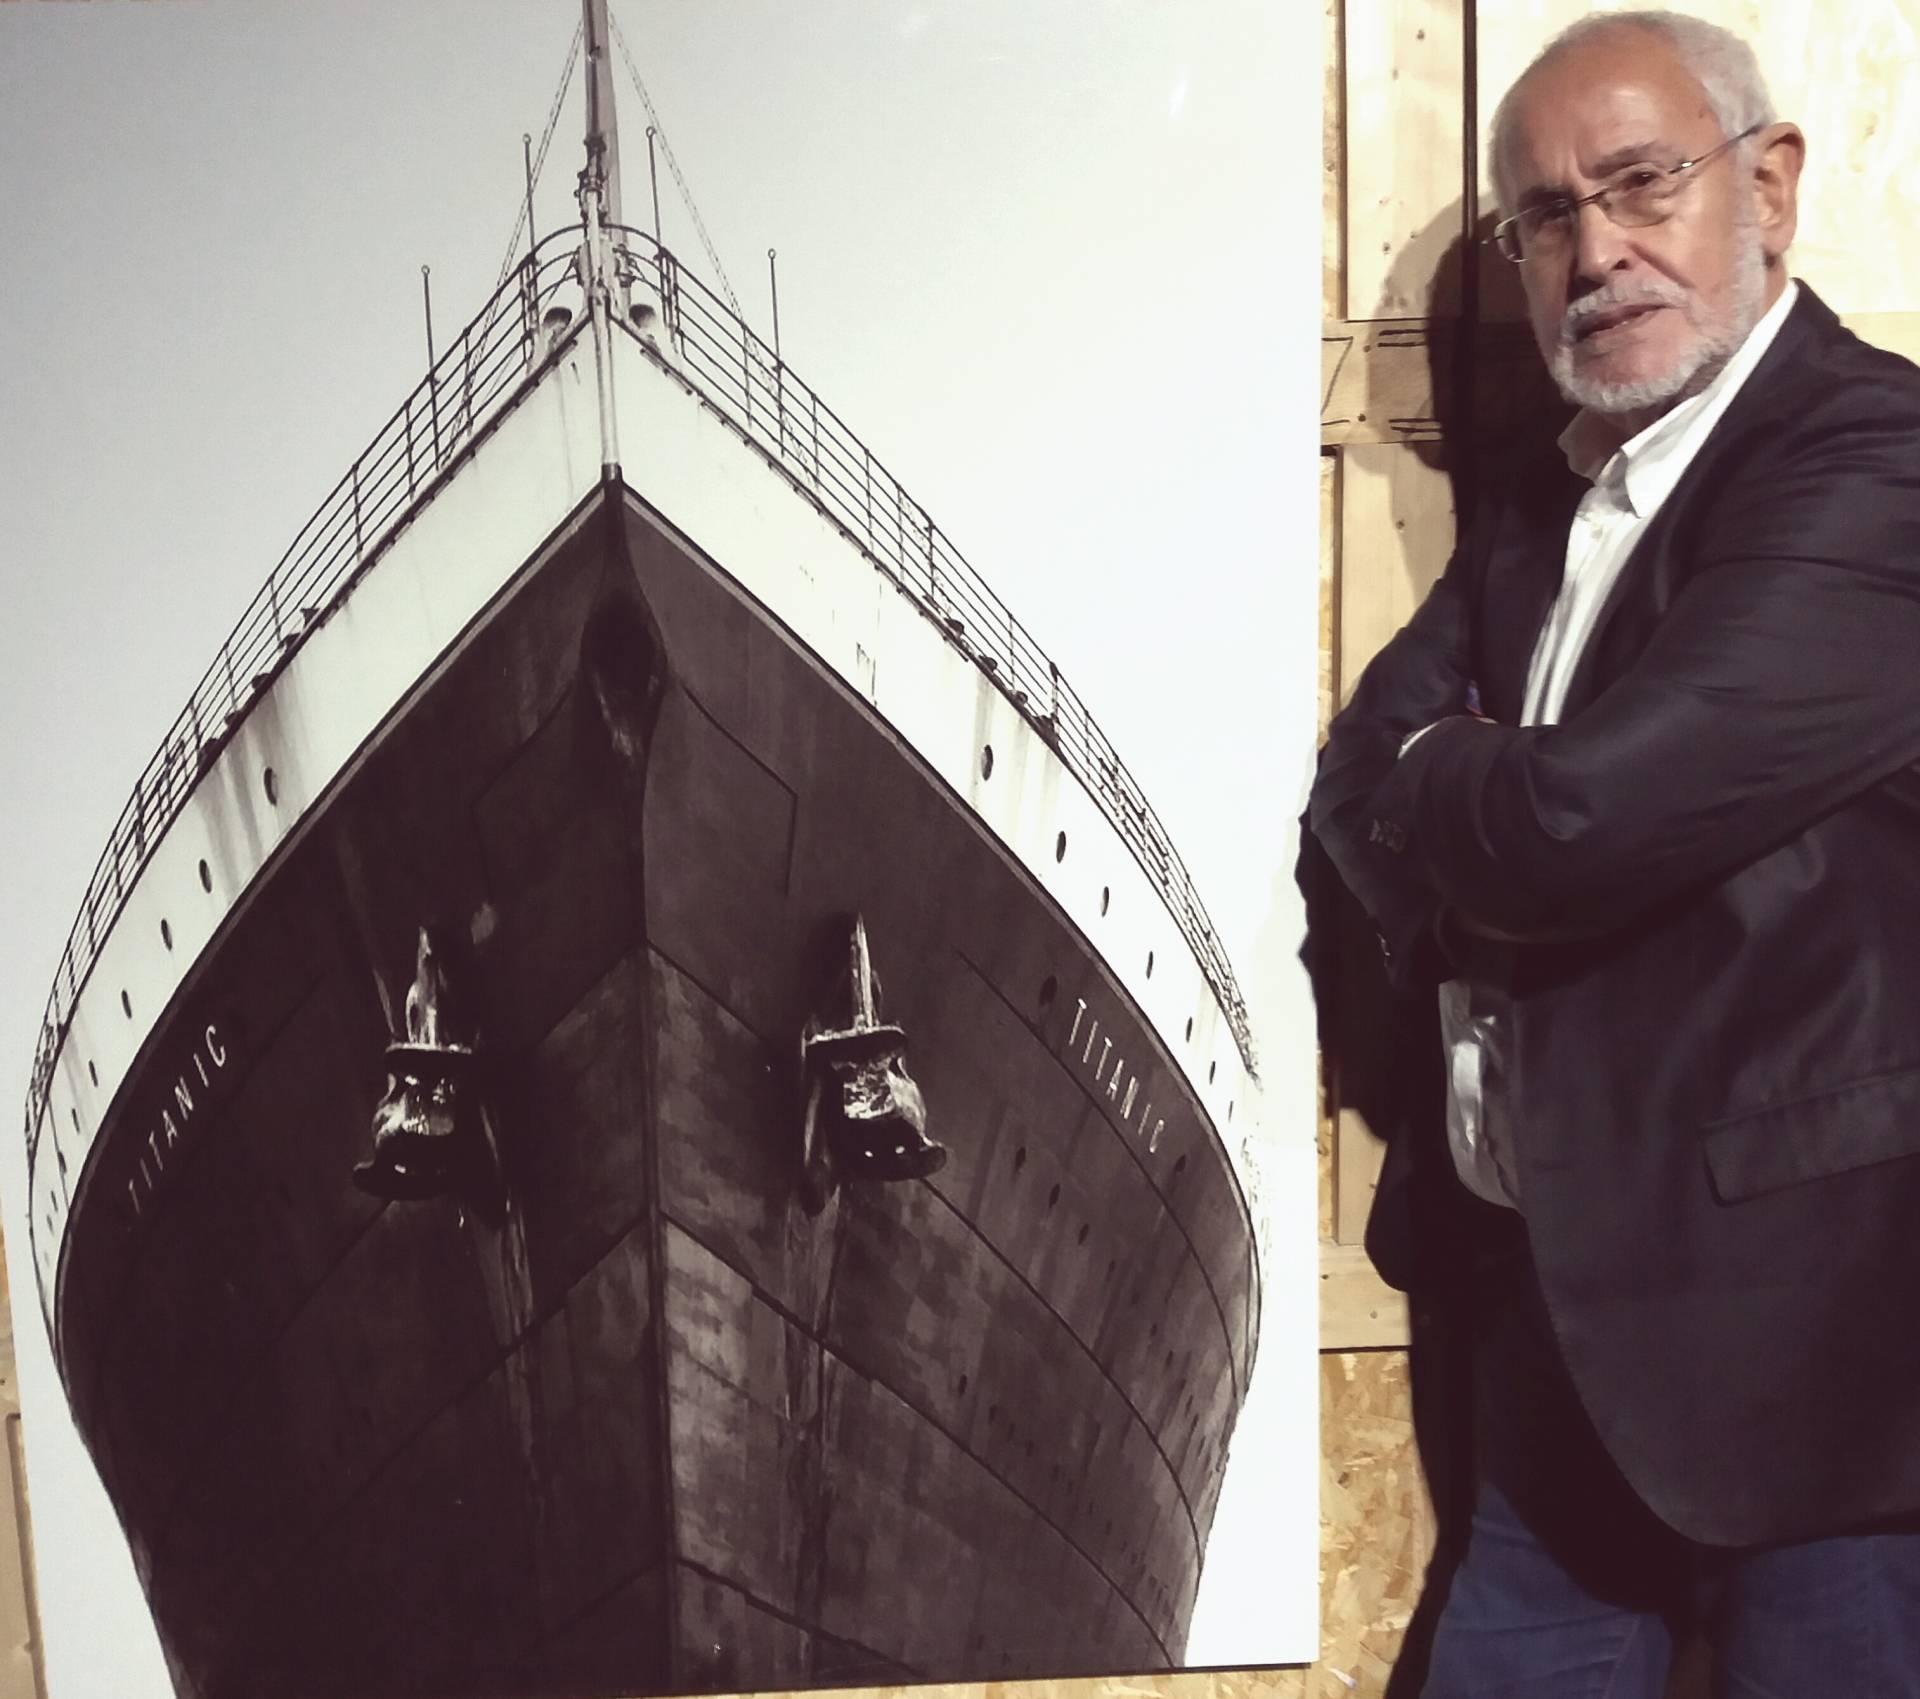 Jesus Ferreiro, presidente de la Fundación Titanic, posa junto a una imagen de la proa del Titanic.